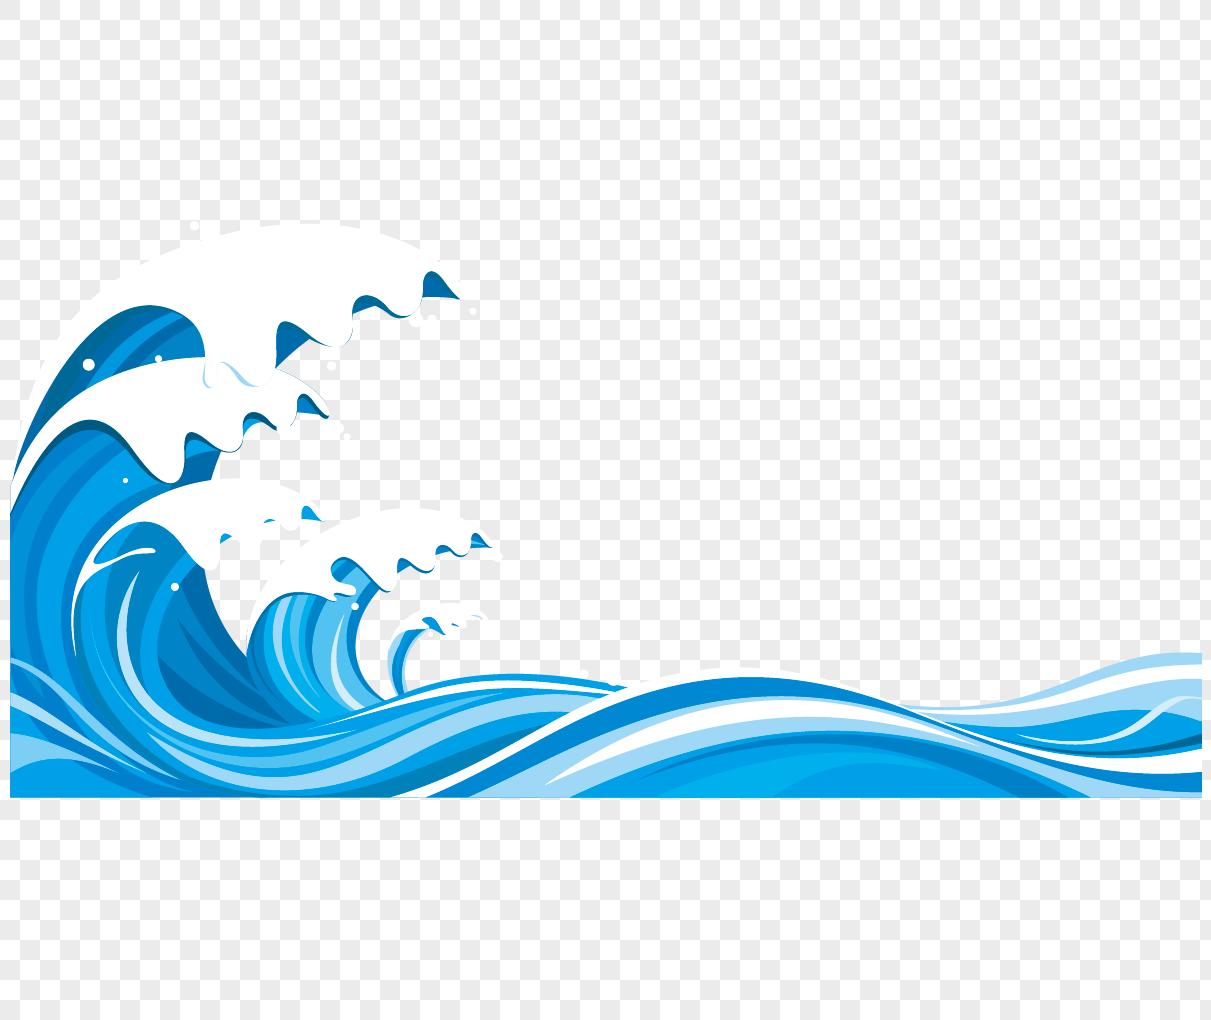 Ͽ� Ͽ� Ͽ� Ͽ� Ͽ� Ͽ� Ͽ� Ͽ� Ͽ� Ͽ� Ͽ� Ͽ� Ͽ� Ͽ� Ͽ� Ͽ� Ͽ� Ͽ� Ͽ� Ͽ� Ͽ� Ͽ� Ͽ� Ͽ� Ͽ� Ͽ� Ͽ� Ͽ� Ͽ� Ͽ� Ͽ� Ͽ� Ͽ� Ͽ� Ͽ� Ͽ� Ͽ� Ͽ� Ͽ� Ͽ� Ͽ� Ͽ� Ͽ� Ͽ� Ͽ� Ͽ� Ͽ� Ͽ� Ͽ� Png: Cartoon Waves Png Image_picture Free Download 400865412